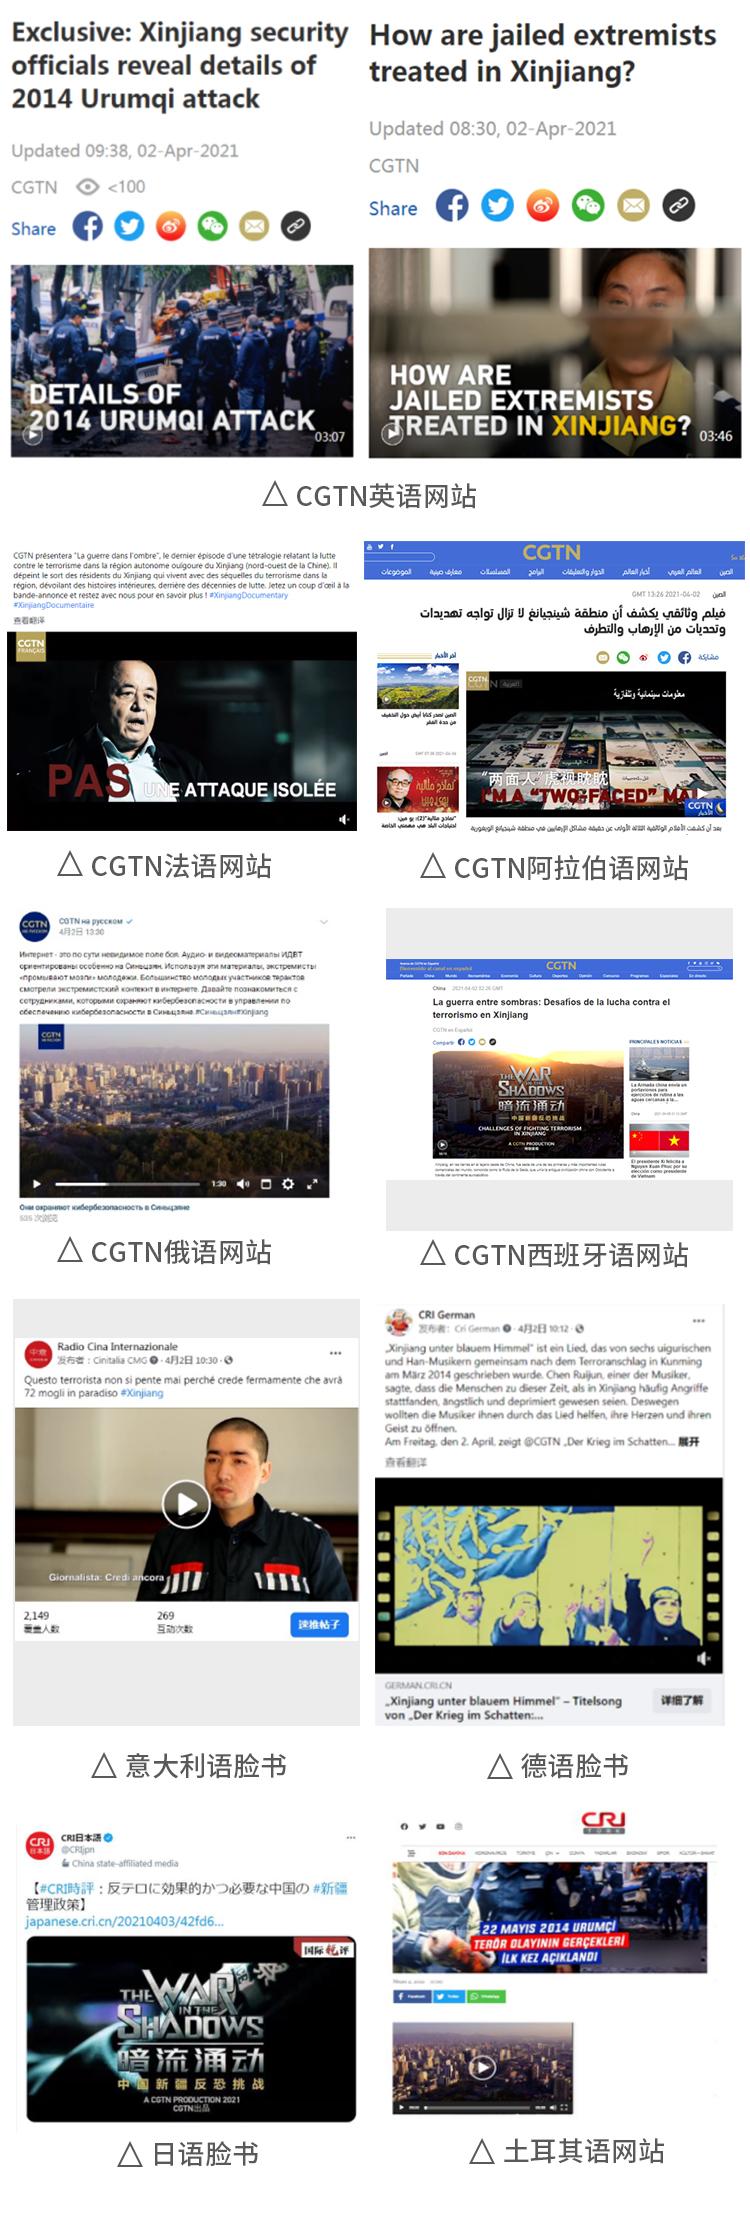 《暗流涌动——中国新疆反恐挑战》引发国际舆论强烈关注